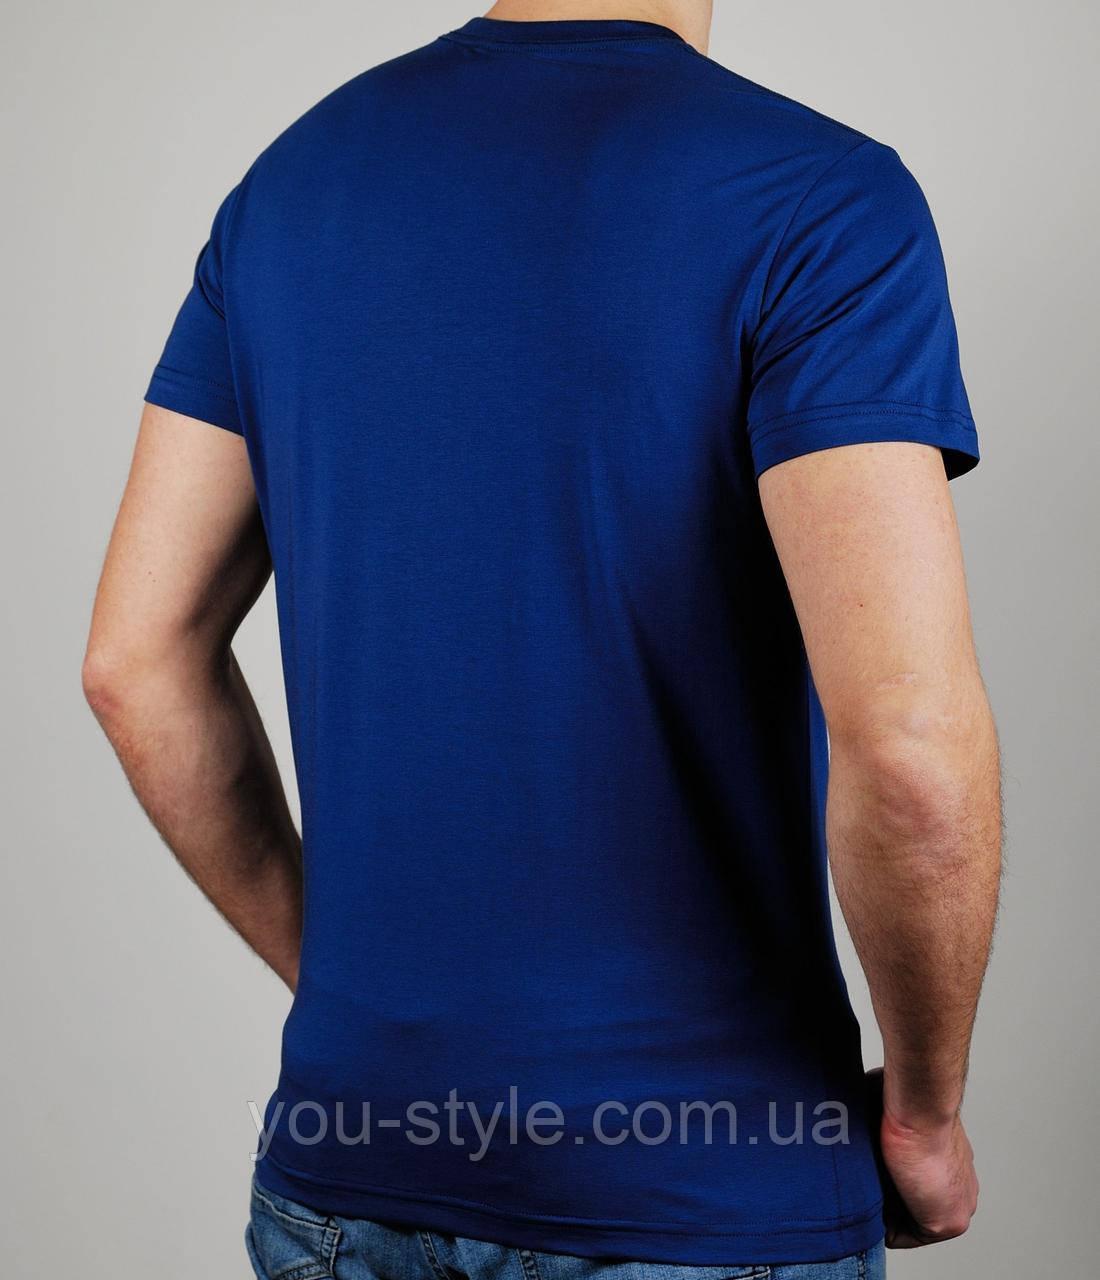 590422789d31 Мужская Футболка PUMA FERRARI 3952 Тёмно-синяя  продажа, цена в ...